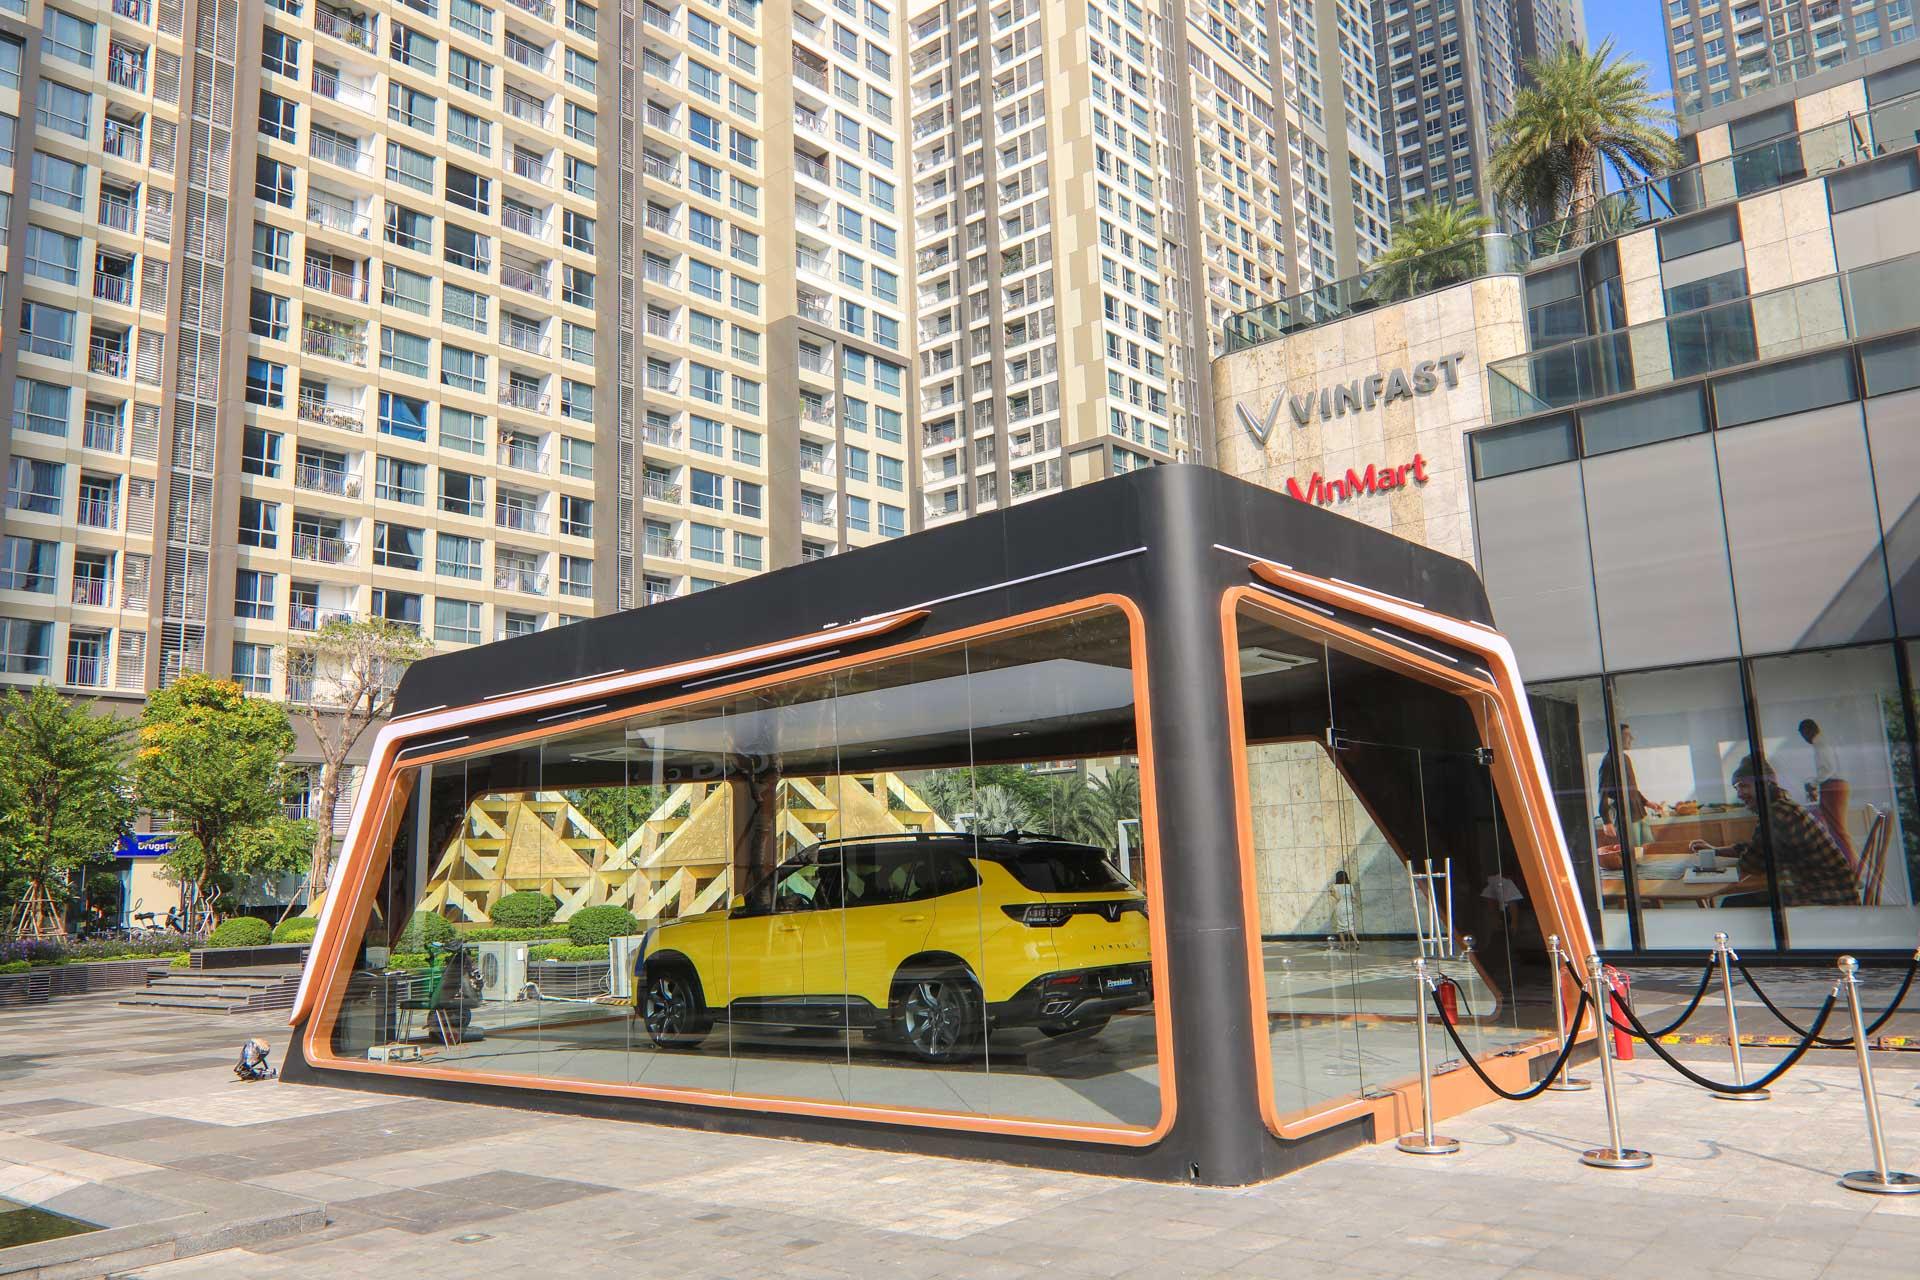 VinFast President khoe dáng bên Landmark 81: Chất từ xe đến… phòng trưng bày 9